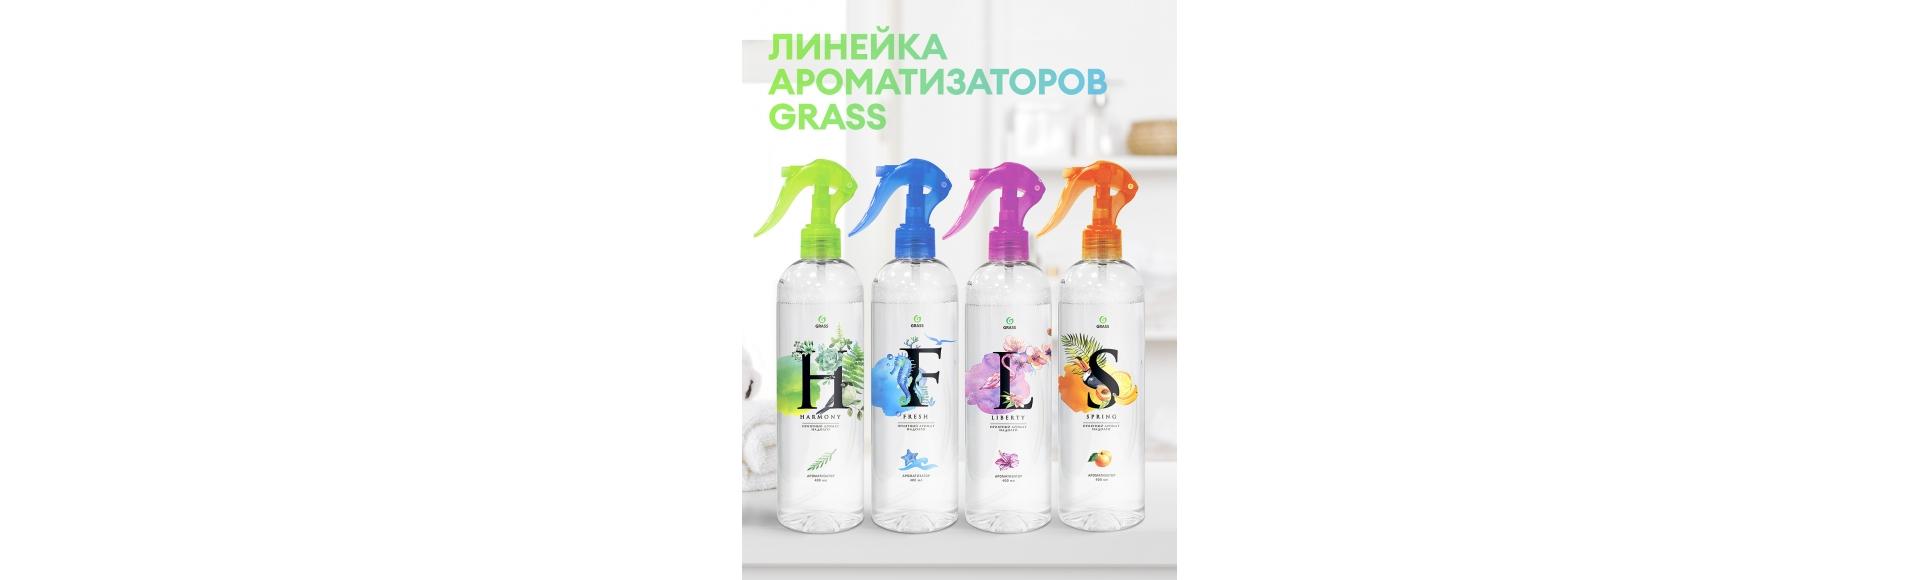 Azelit для стеклокерамики - чистота и блеск вашей плиты